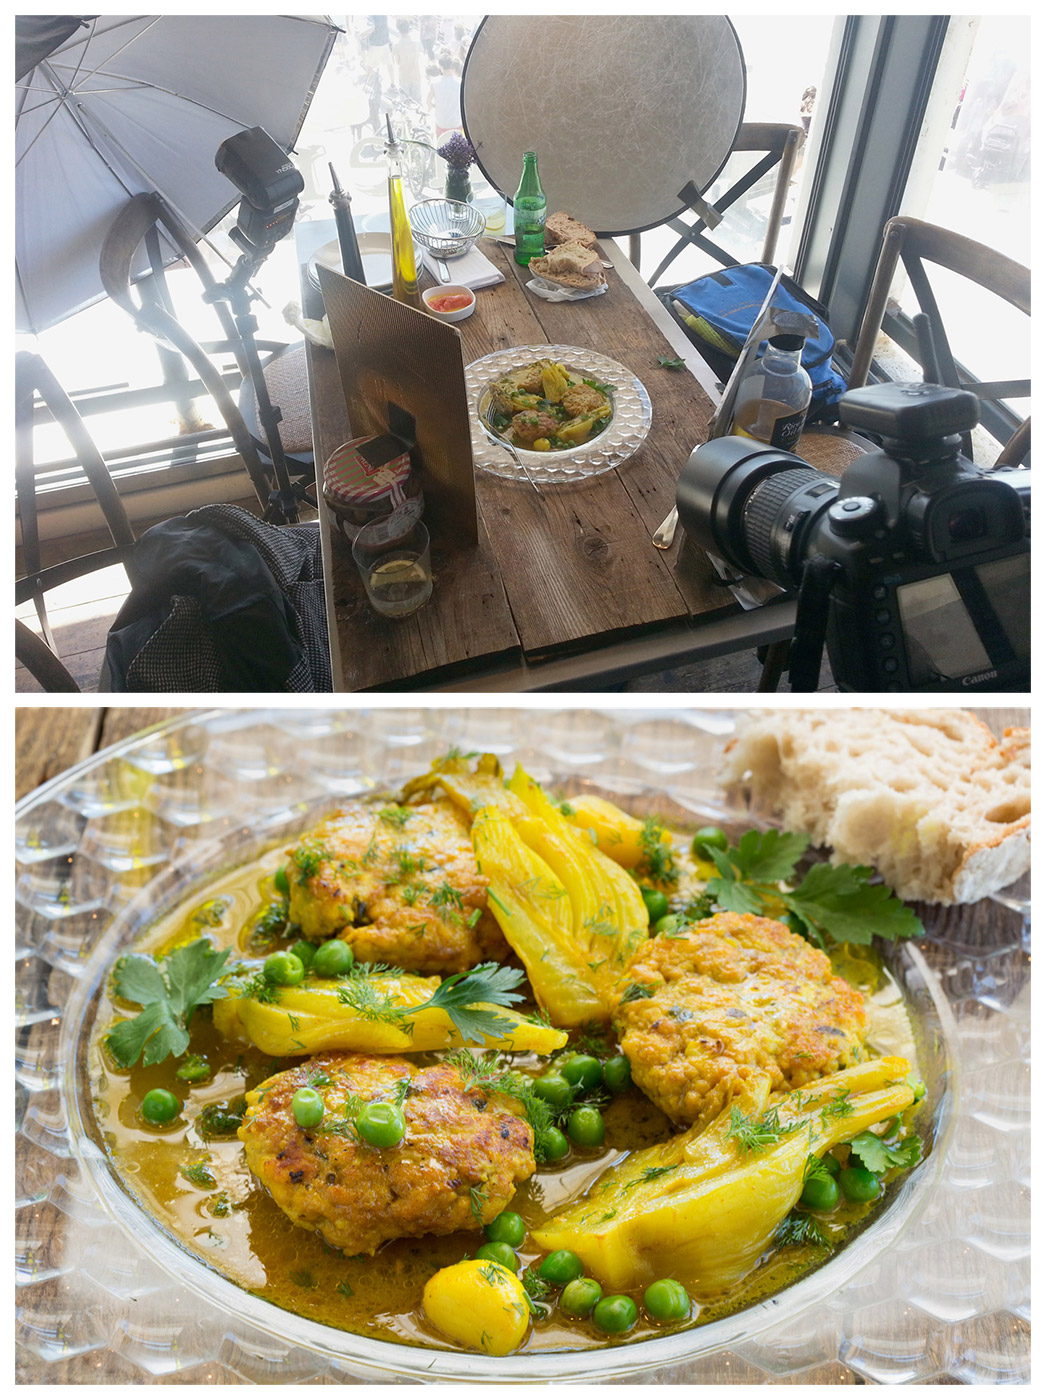 תמונת סט של צילום אוכל במסעדה בנמל תל אביב